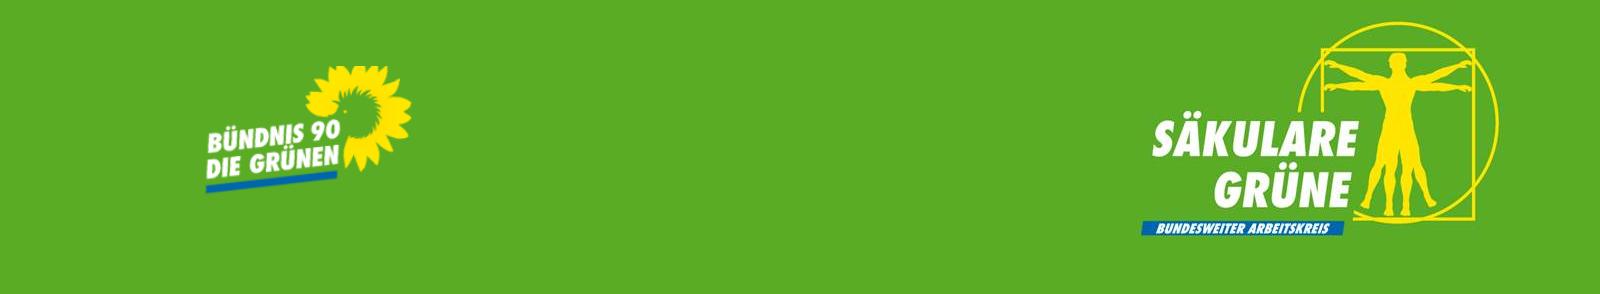 Berliner Positionen – Blog der LAG Säkulare Grüne Berlin